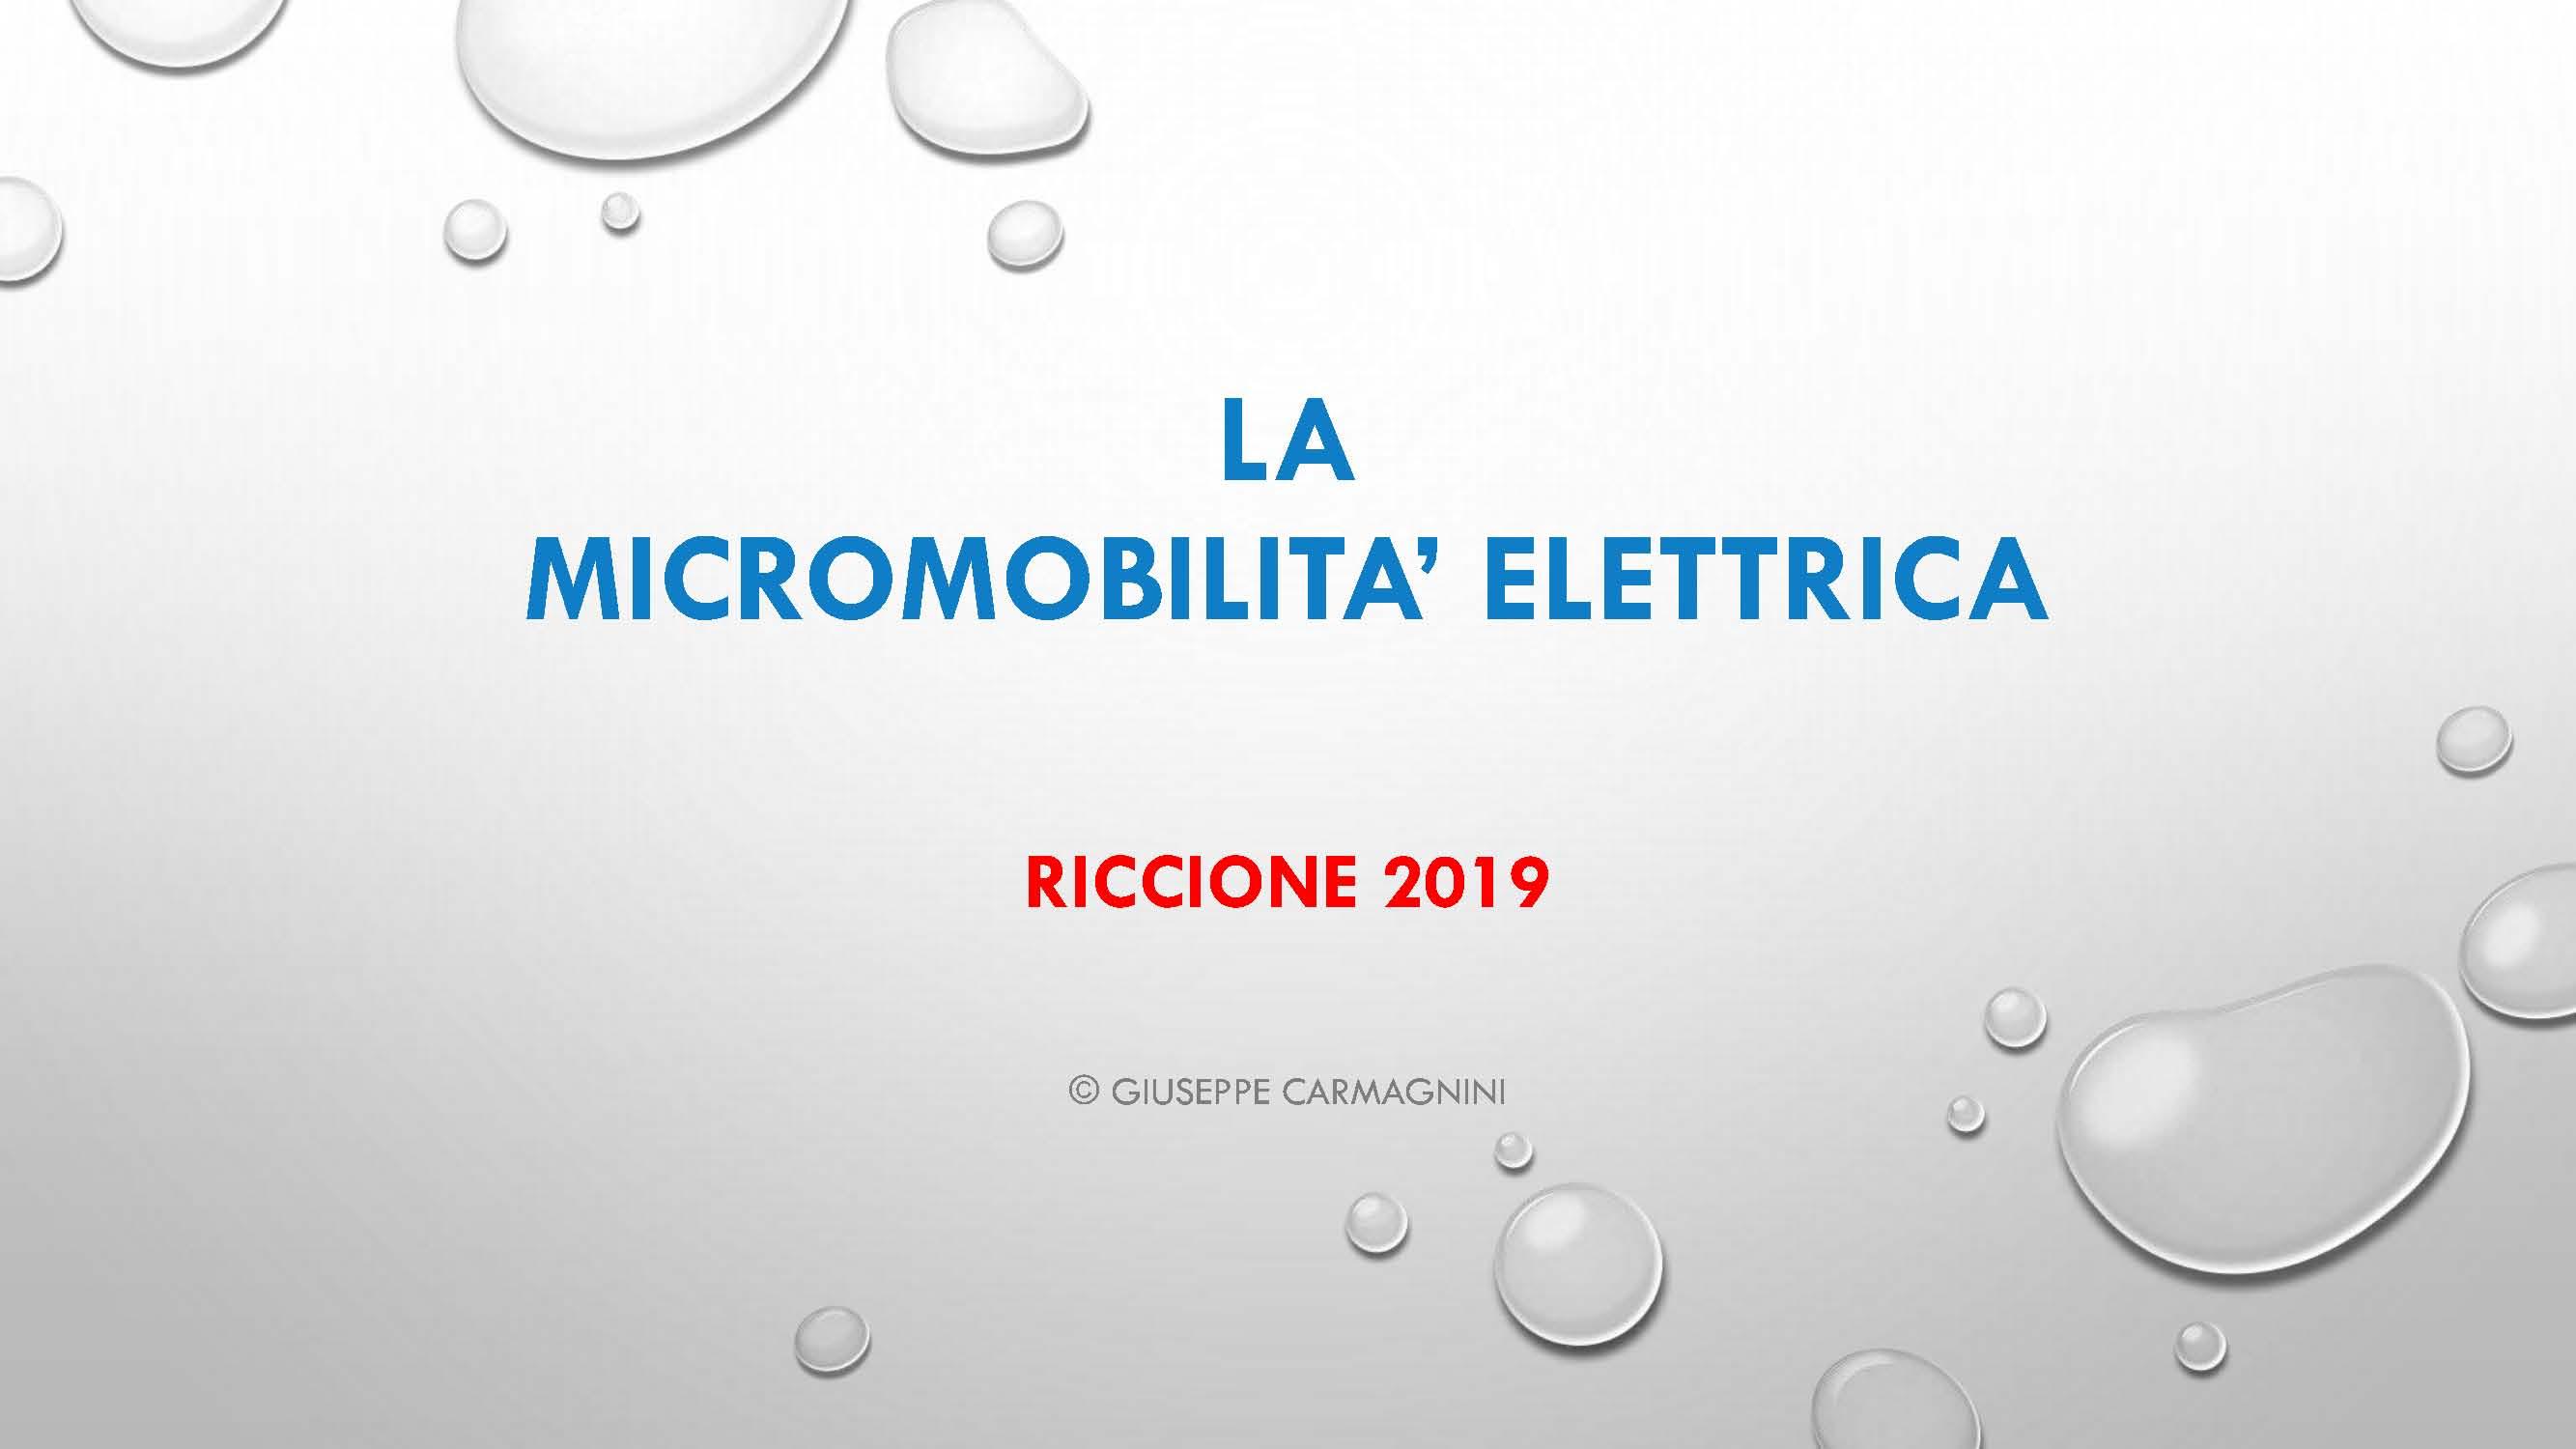 La micromobilità elettrica